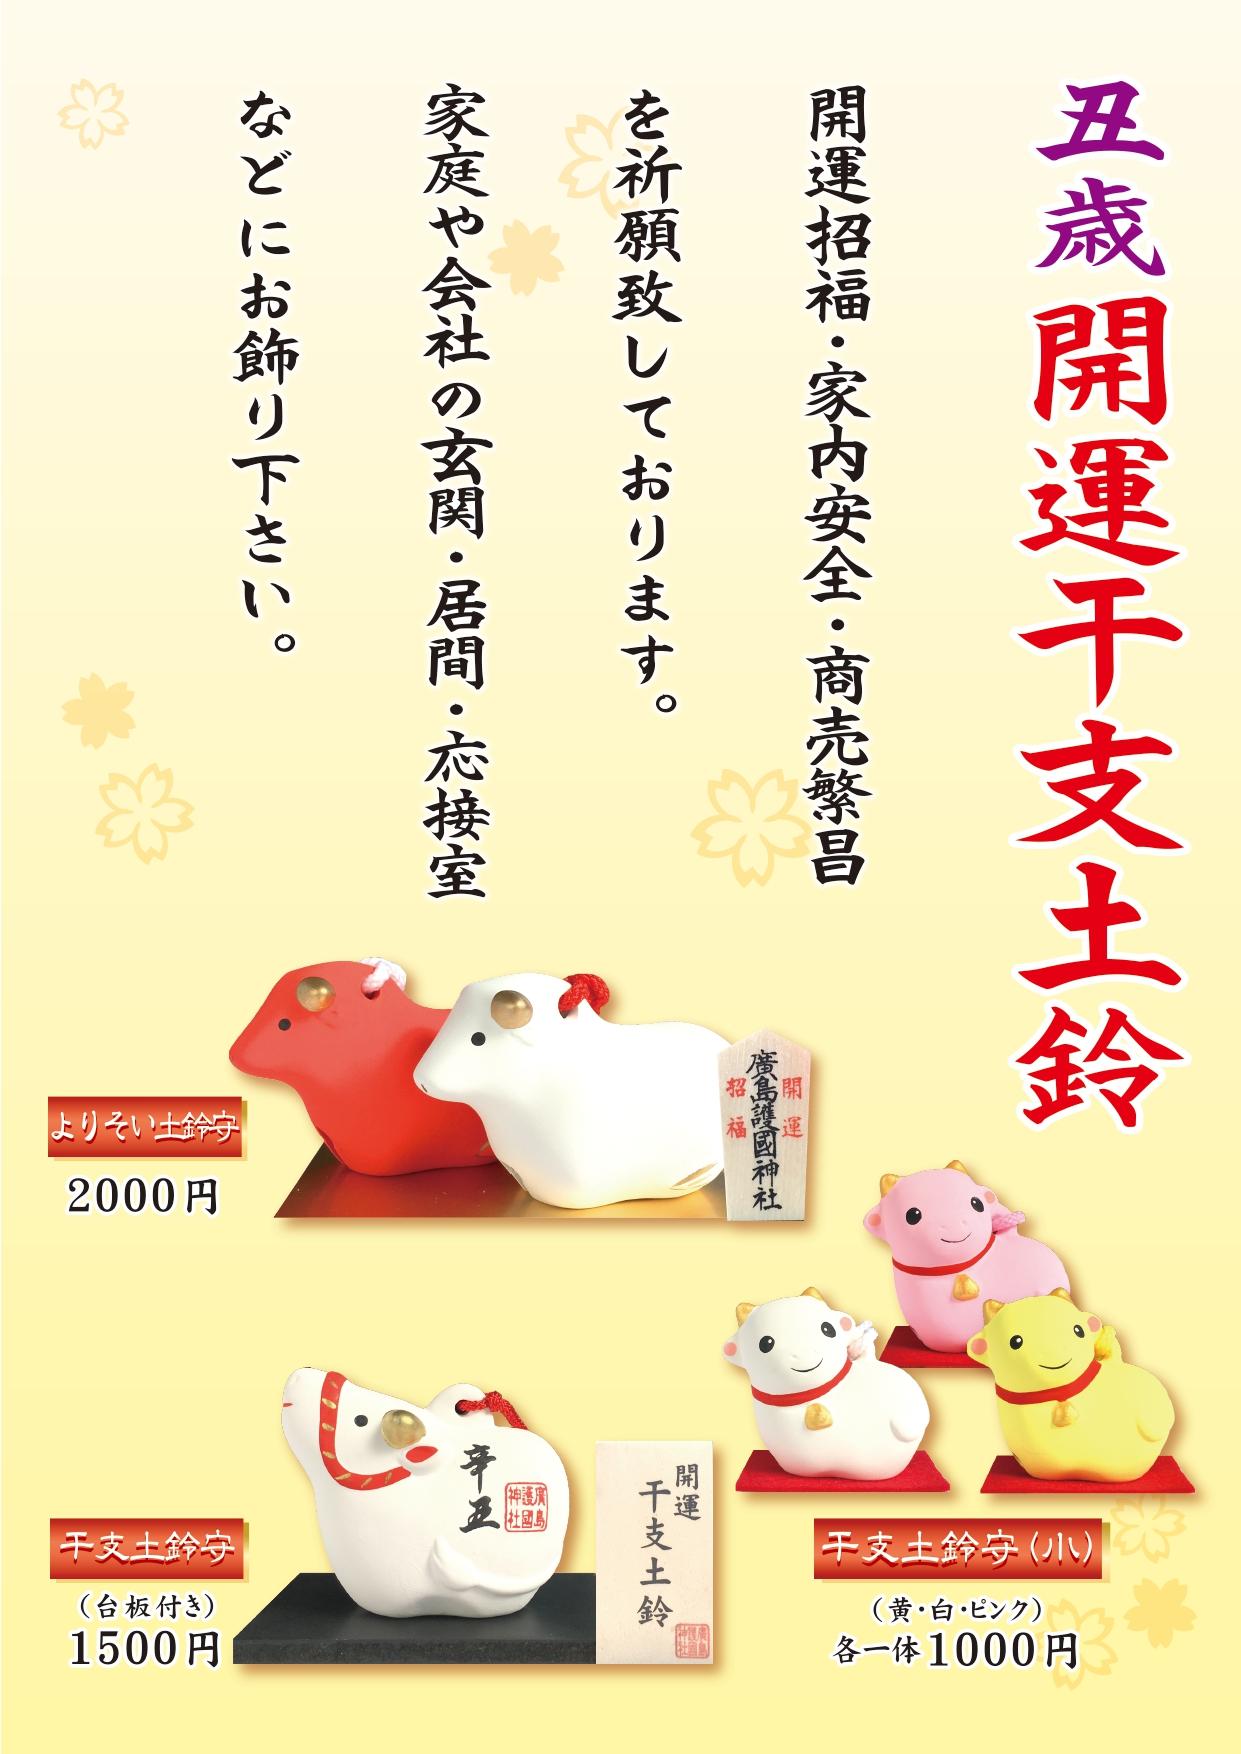 0816-01 干支土鈴(丑) A4ポスター_page-0001